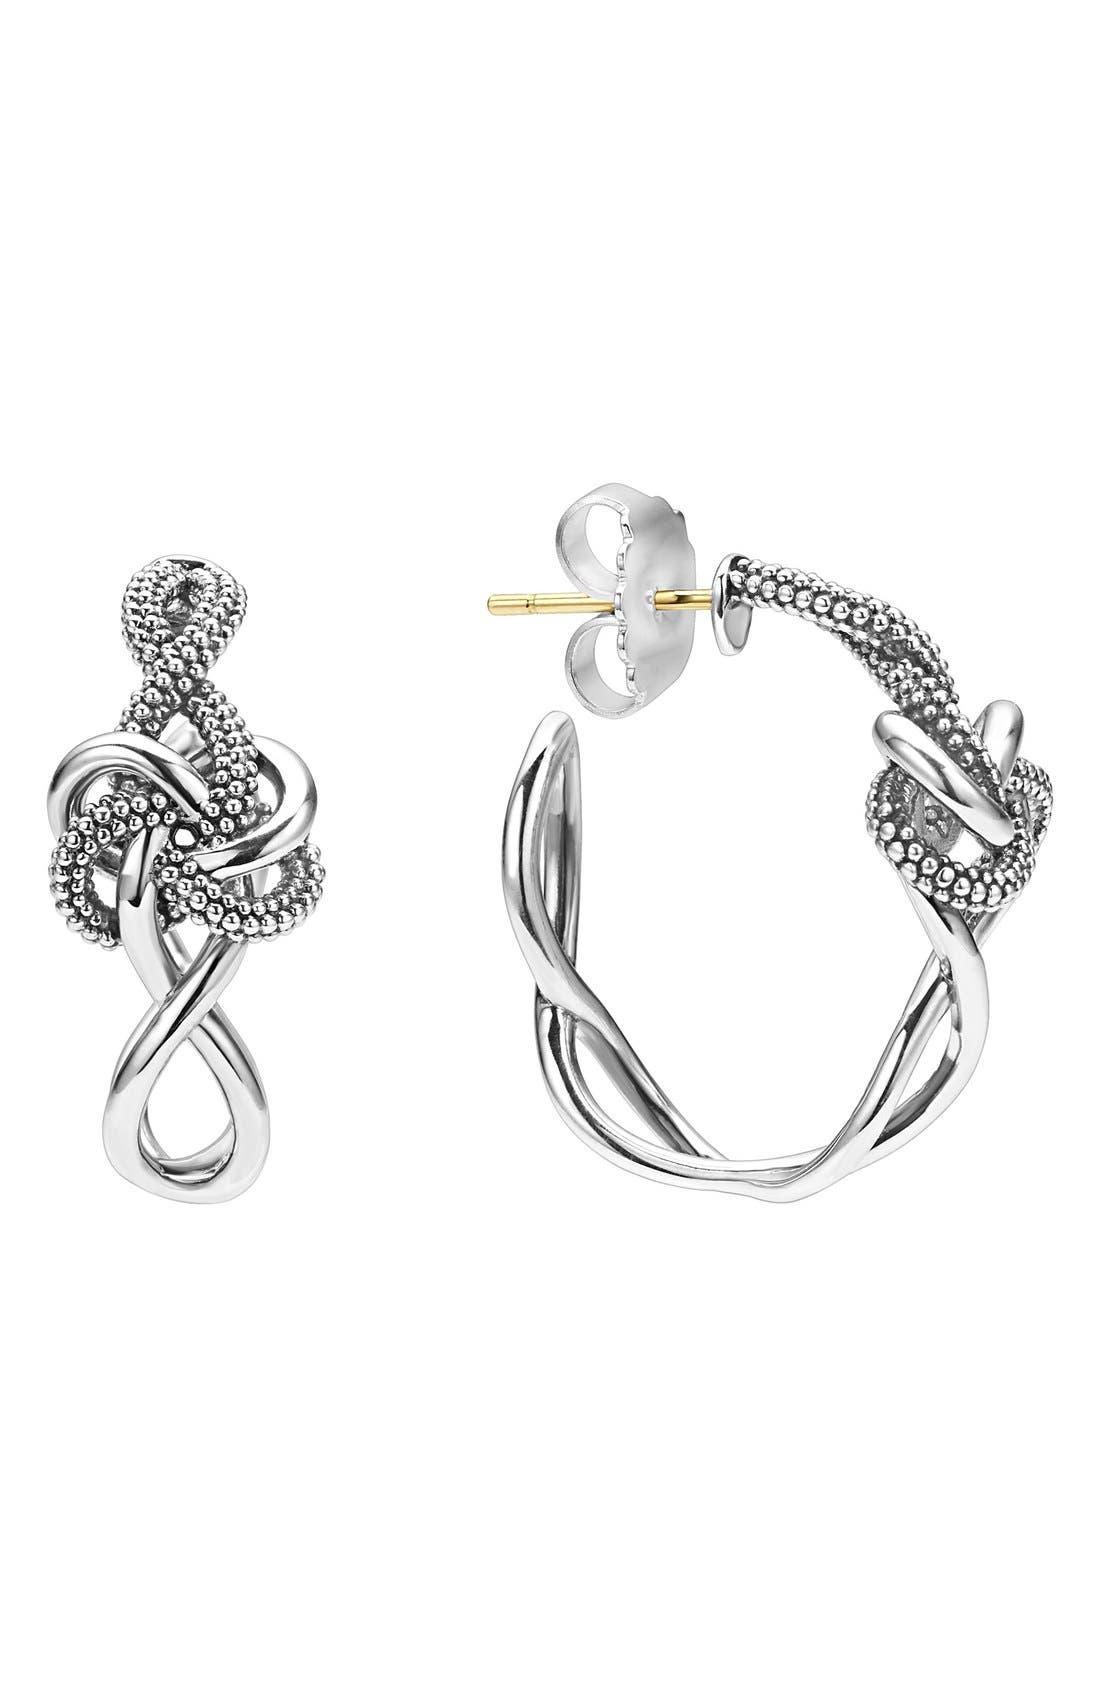 'Love Knot' Hoop Earrings,                         Main,                         color, STERLING SILVER